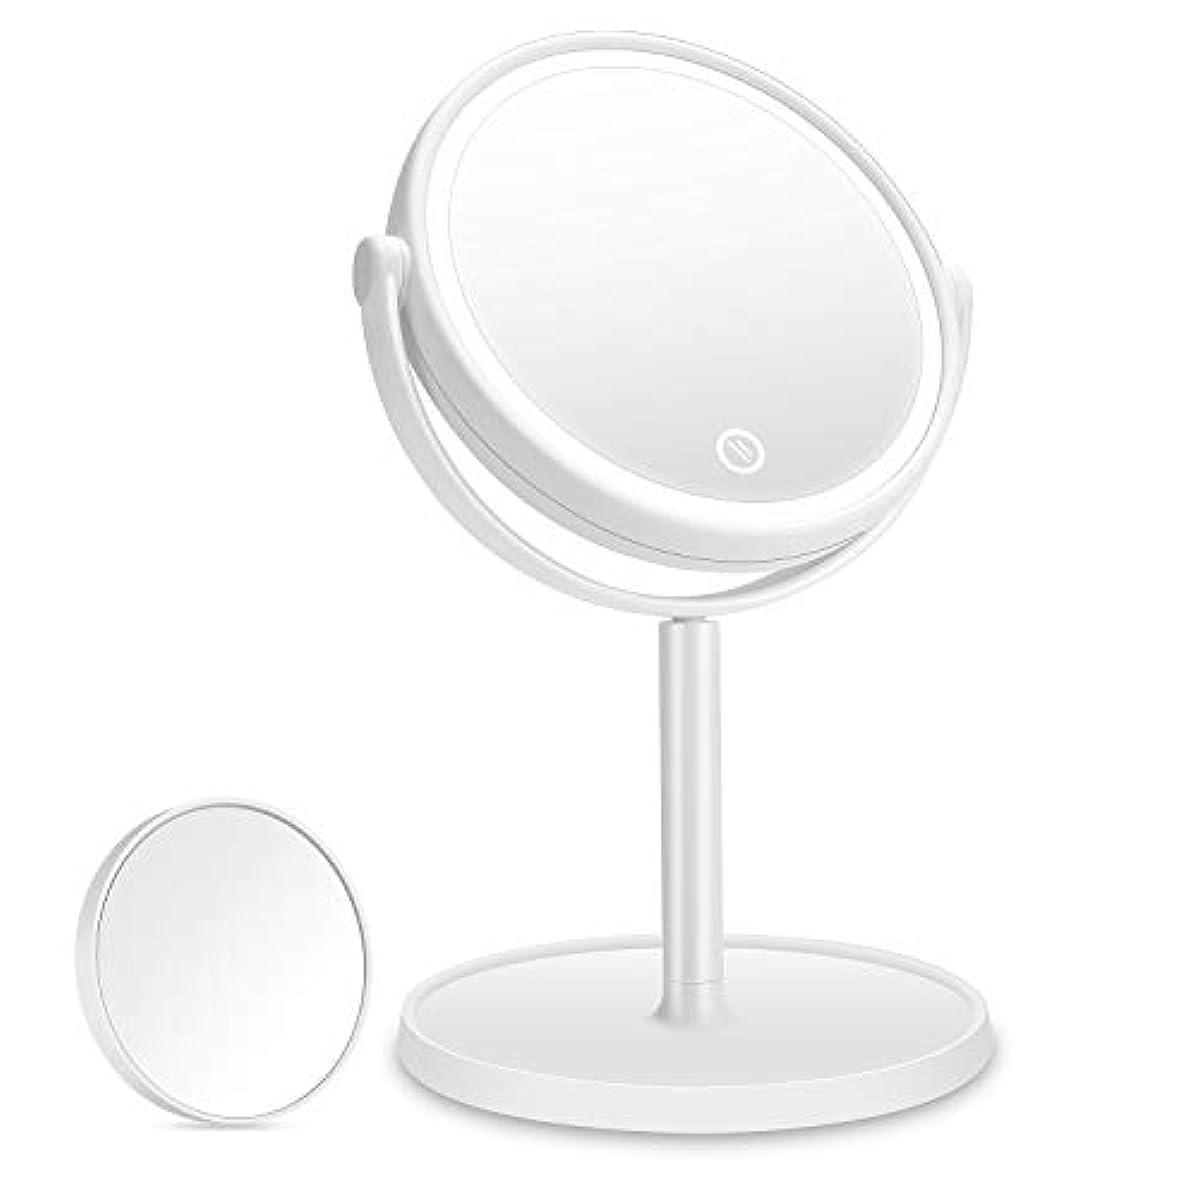 著名な属性妨げる化粧鏡 Aidbucks LED 拡大鏡 3倍 卓上鏡 メイク 女優 スタンドミラー LEDライト付き 明るさ調節可 充電式 360度回転 収納 自然光 柔らかい光 折りたたみ式 USB/乾電池給電 ホワイト